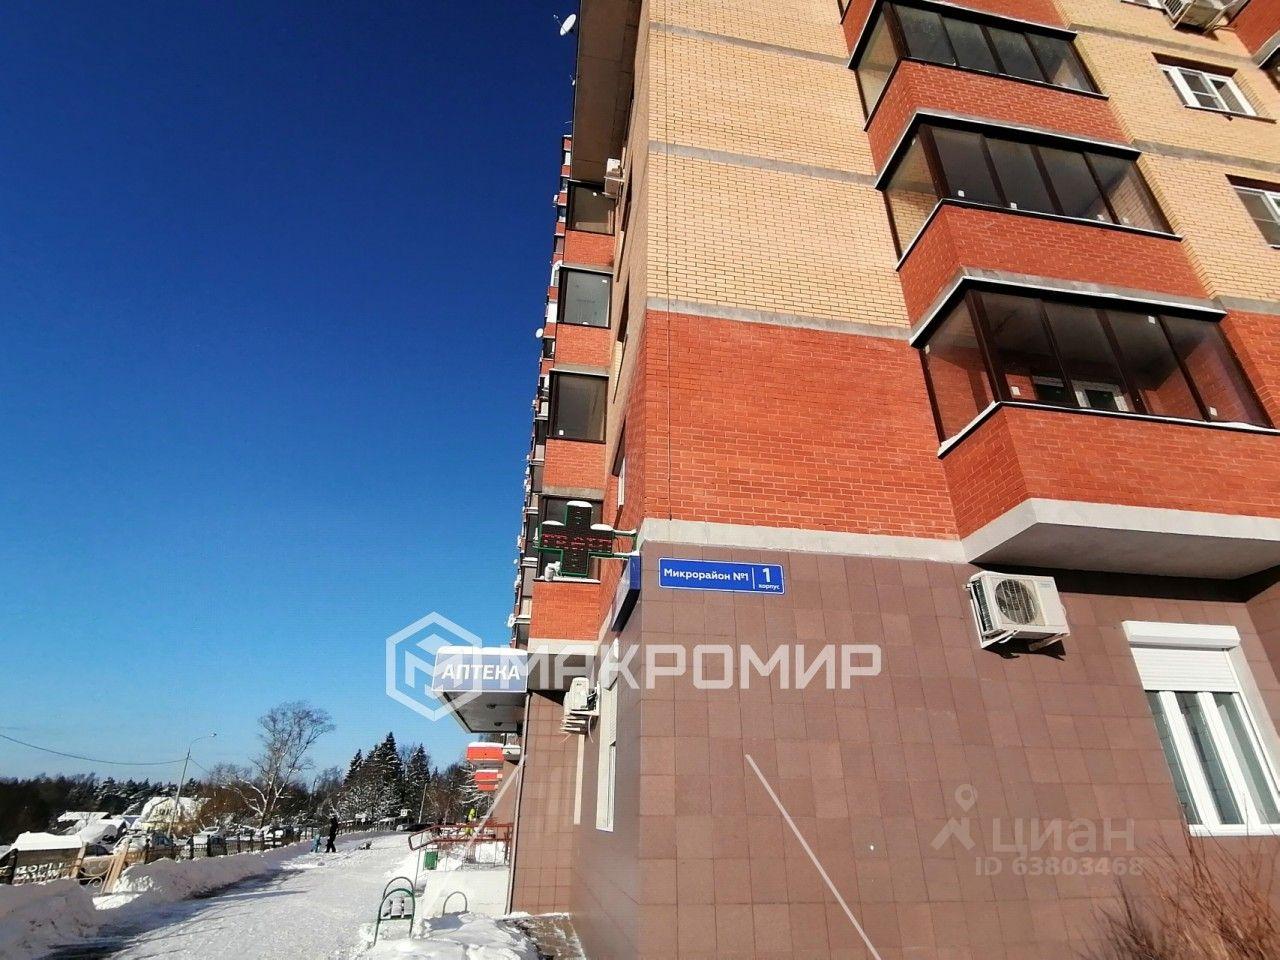 Купить трехкомнатную квартиру 78.1м² Московская область, Солнечногорск городской округ, Поварово дп, 1-й микрорайон, к1 - база ЦИАН, объявление 248846289